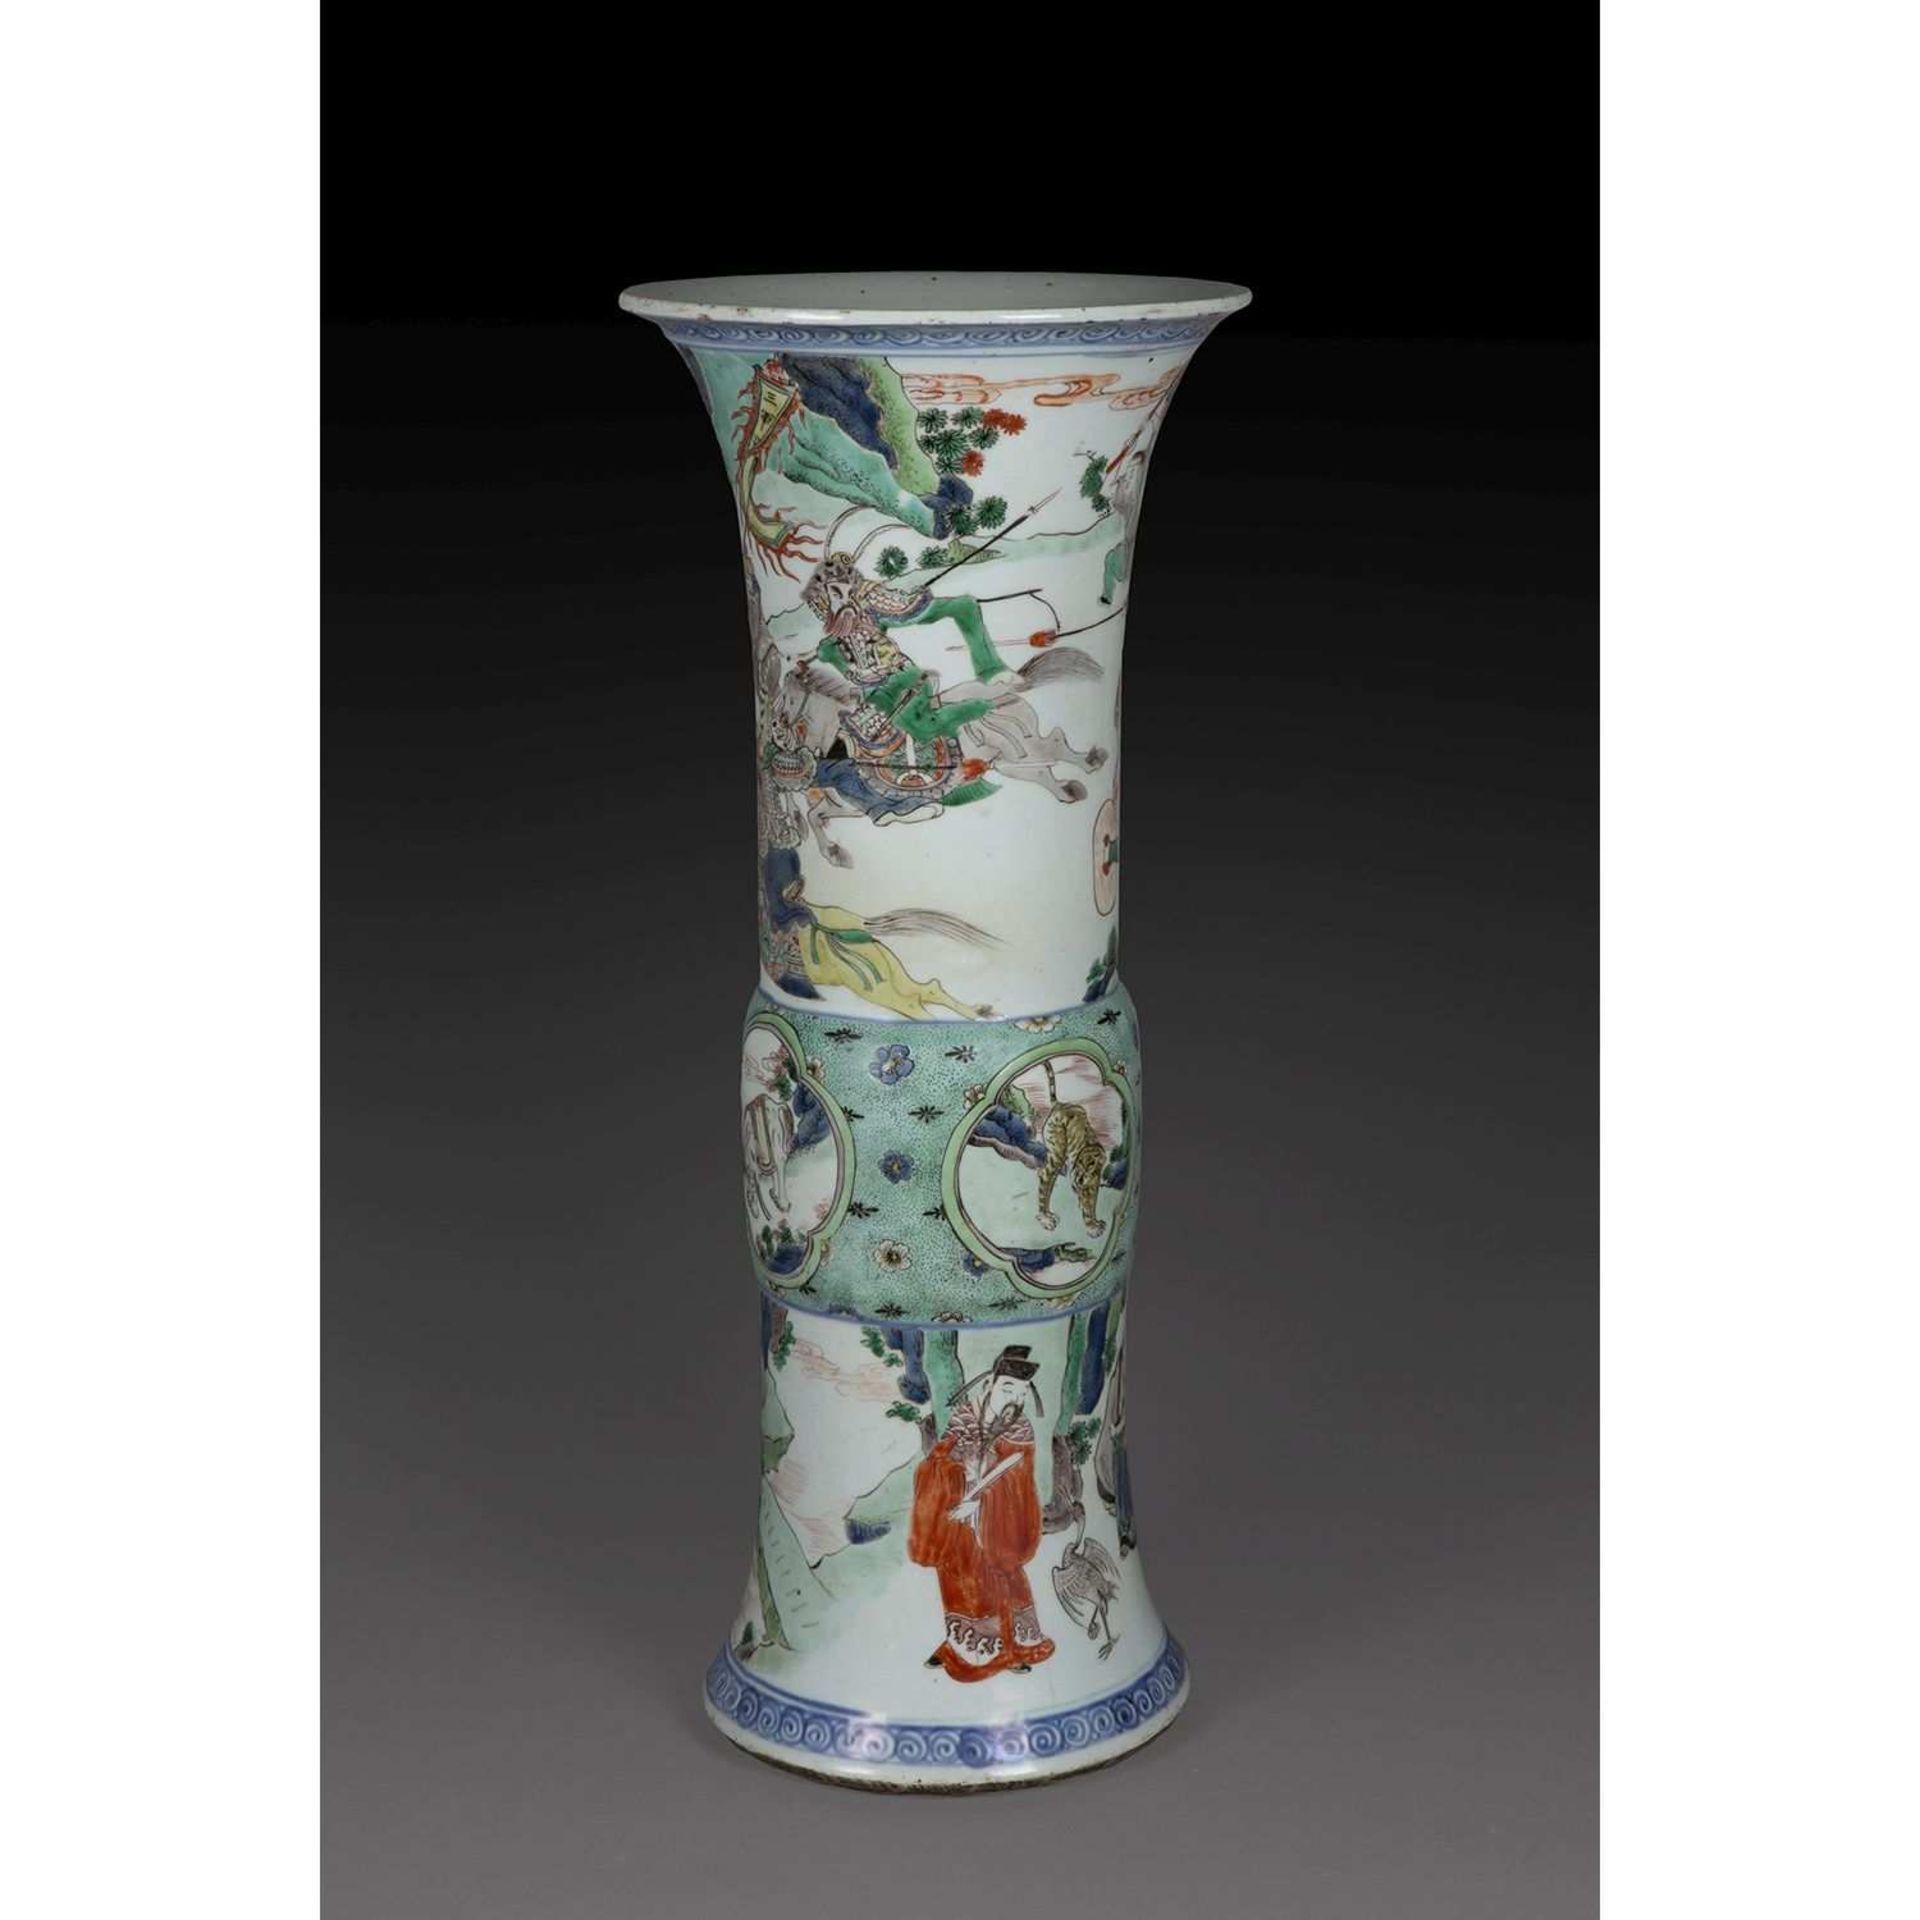 GRAND VASE GU en porcelaine et émaux polychromes de la famille verte, à base élargie décorée de